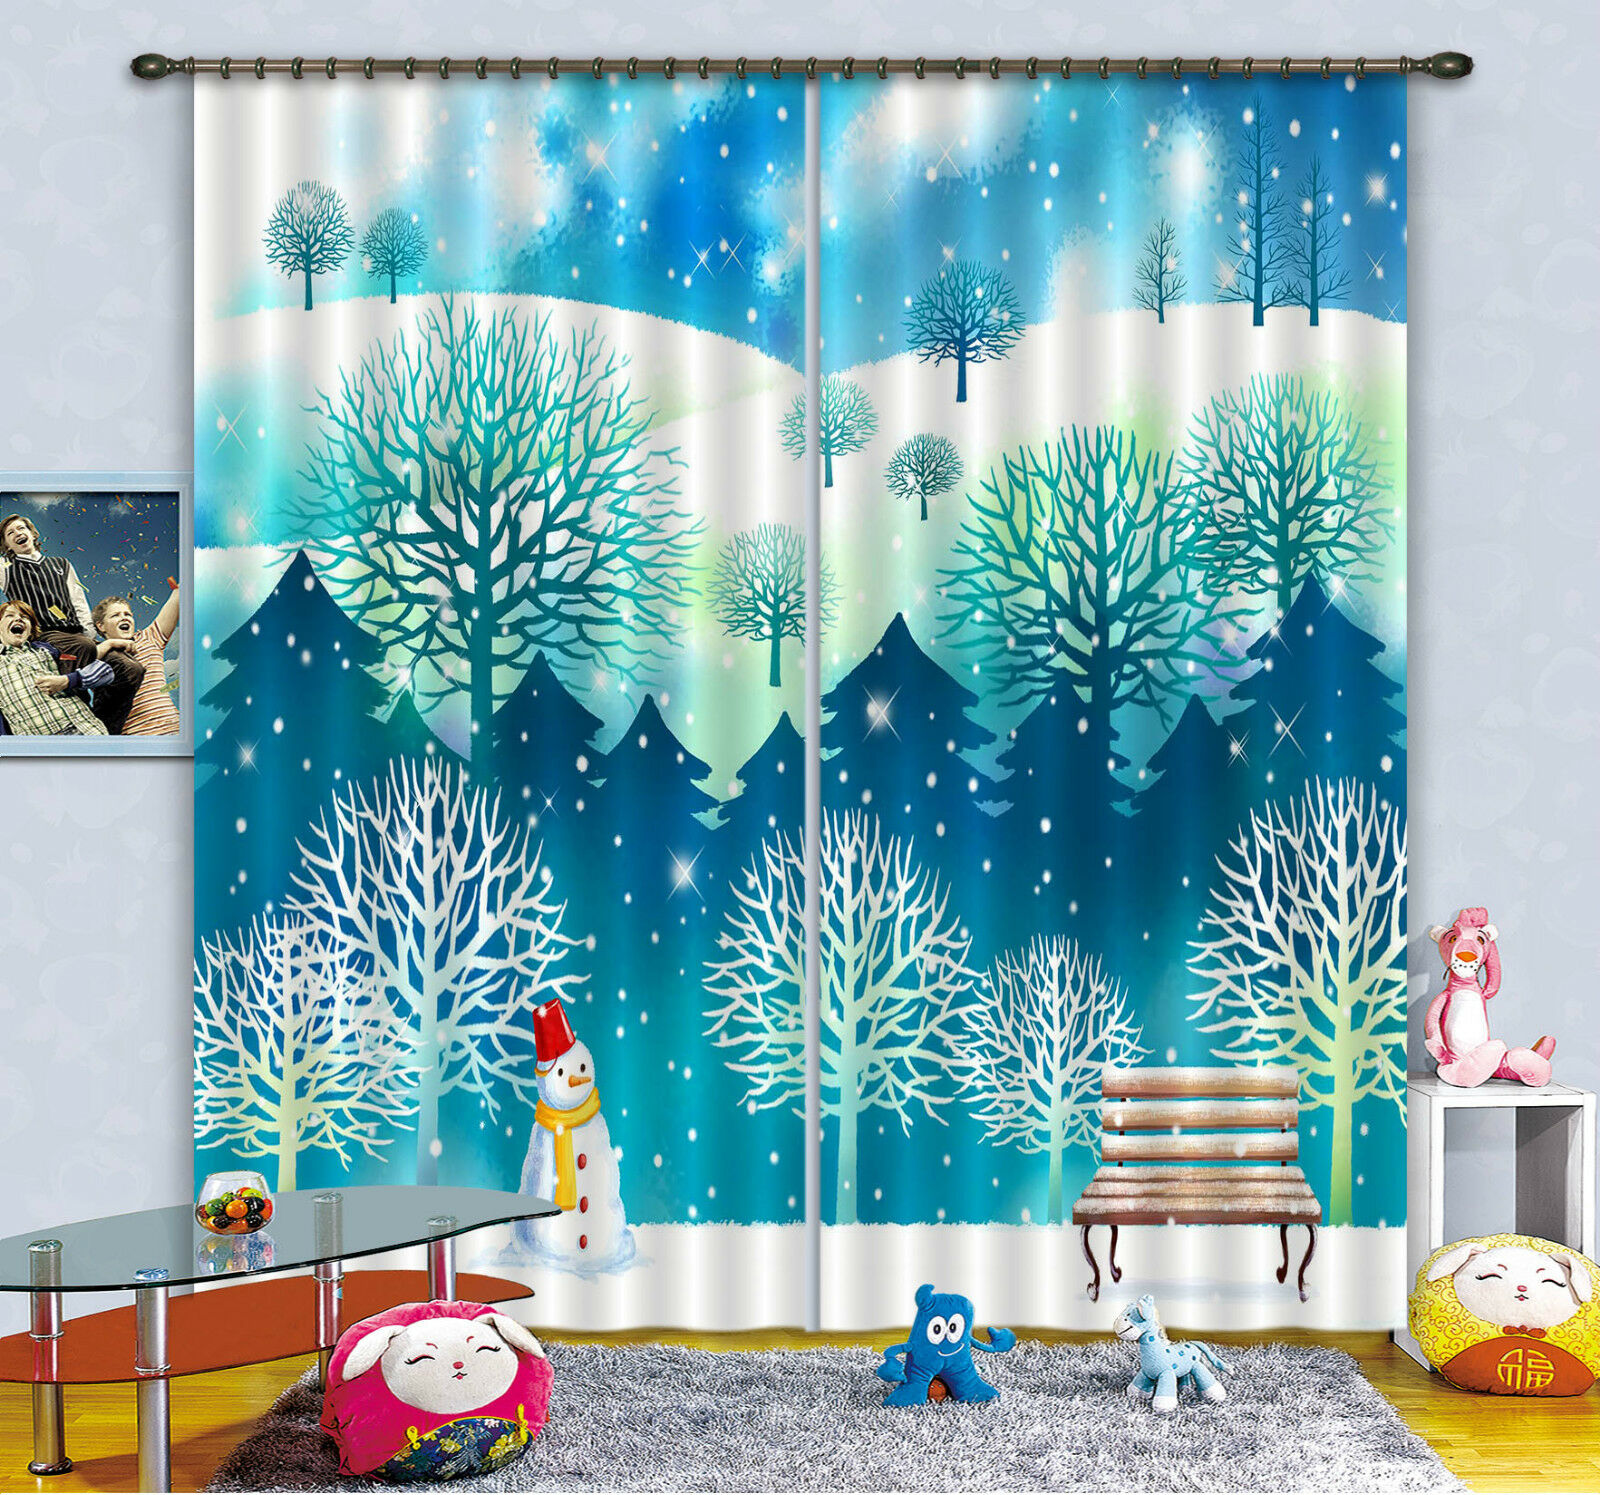 3d nieve vista 51 bloqueo foto cortina cortina de impresión sustancia cortinas de ventana